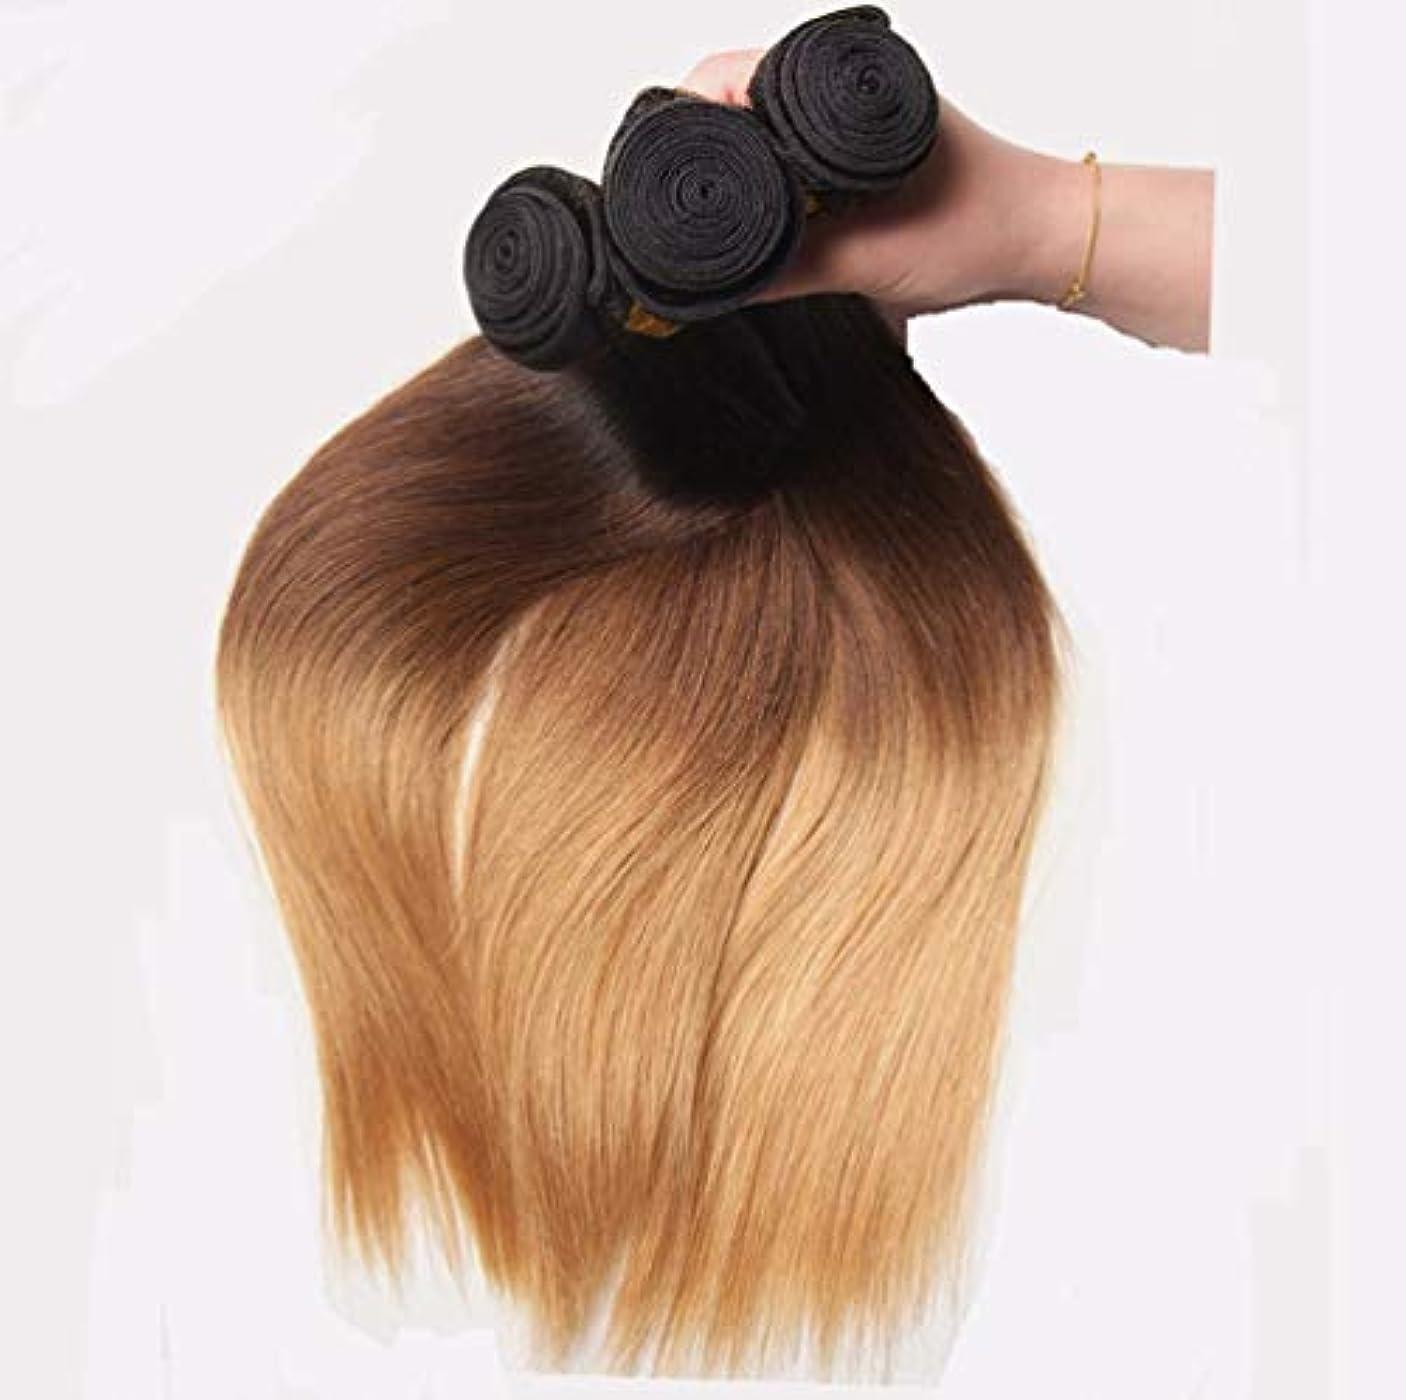 メーター親指パンツ女性10Aグレードペルーストレート人毛ストレートバージン人毛織りエクステンションミックスストレートヘアウィービング(3バンドル)